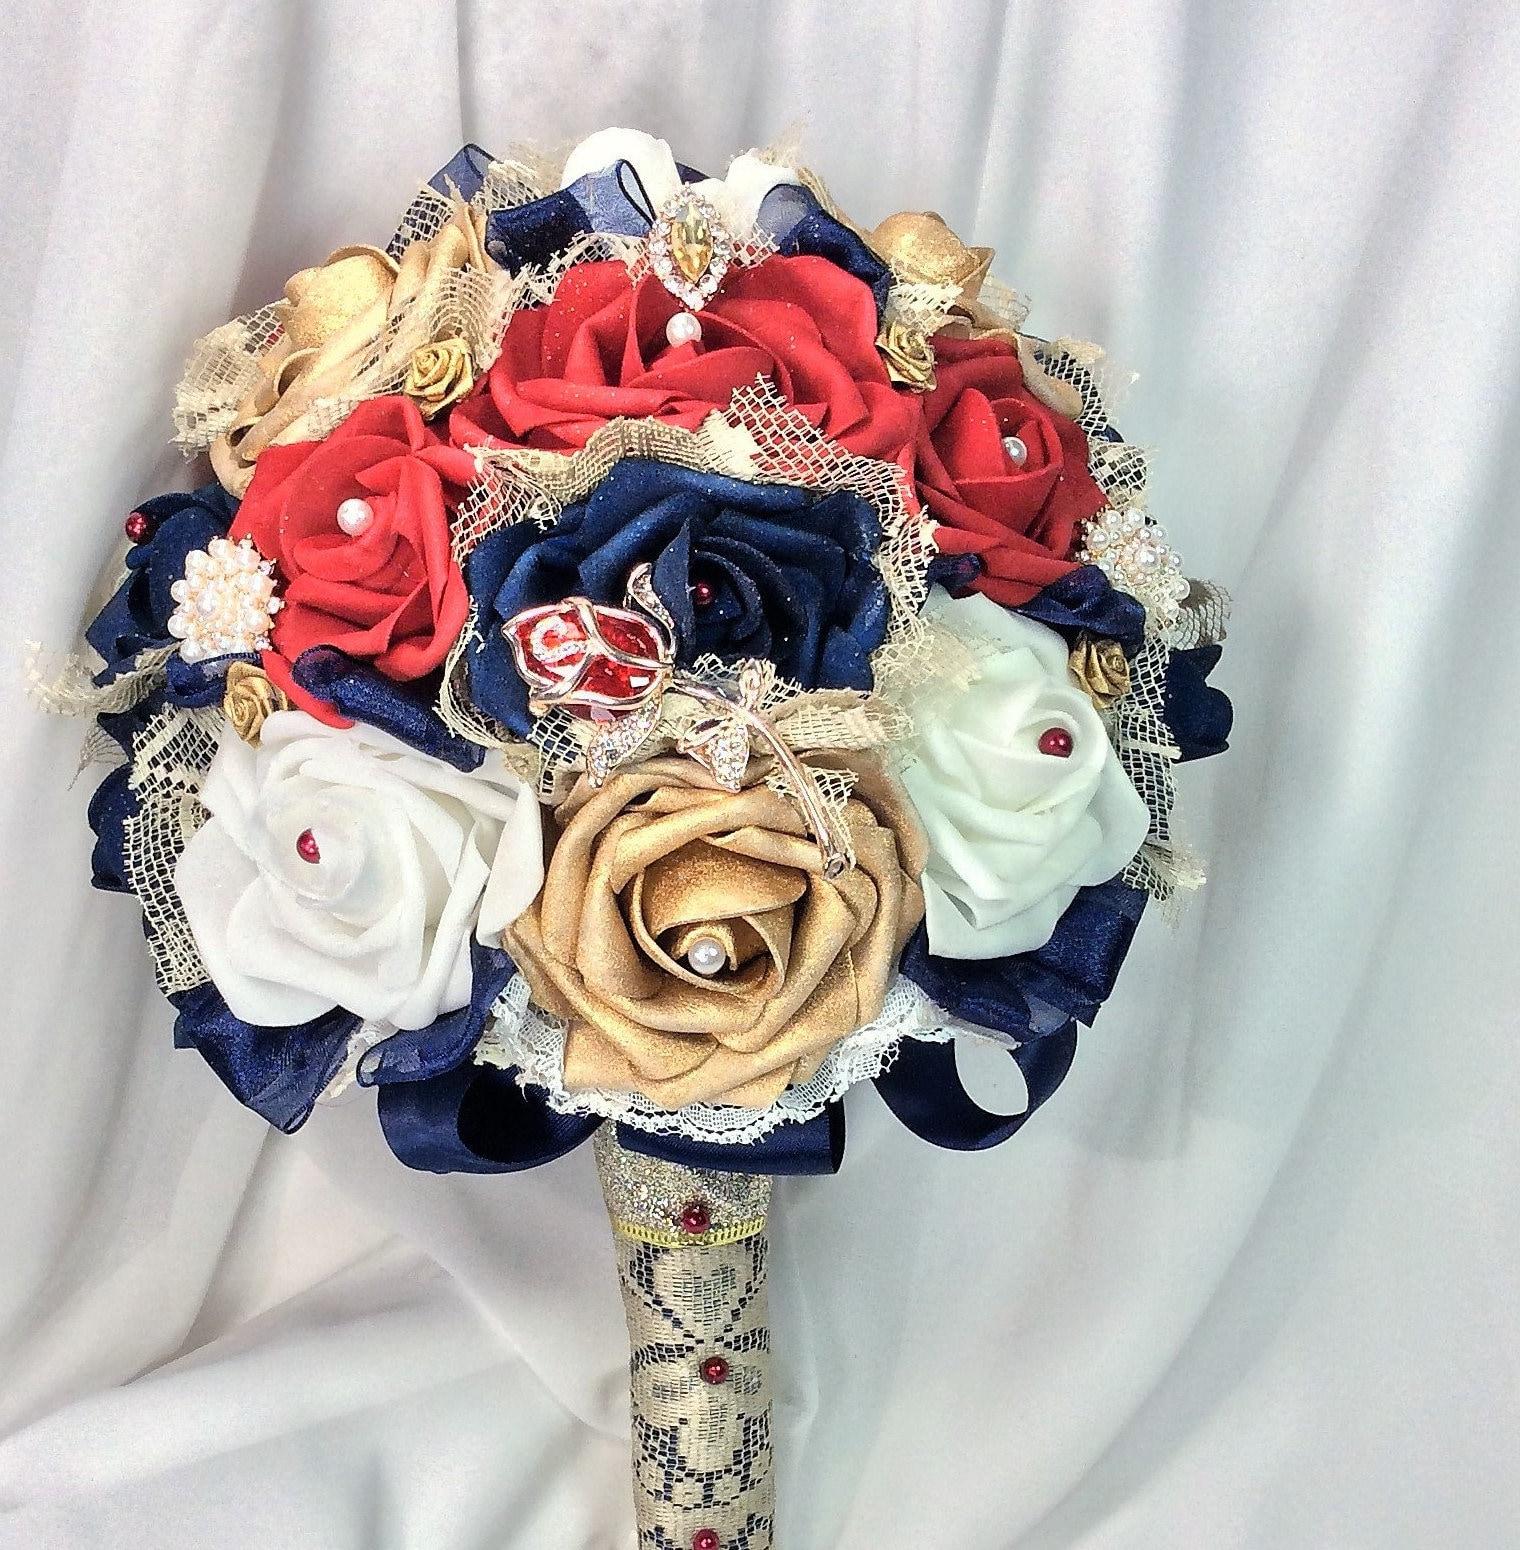 Beast Beauty Wedding Bridal Bride Bouquet Elegant Bridal Red Rose Brooch  Bouquet Flowers Disney Wedding Fairytale Fantasy Cosplay Wedding